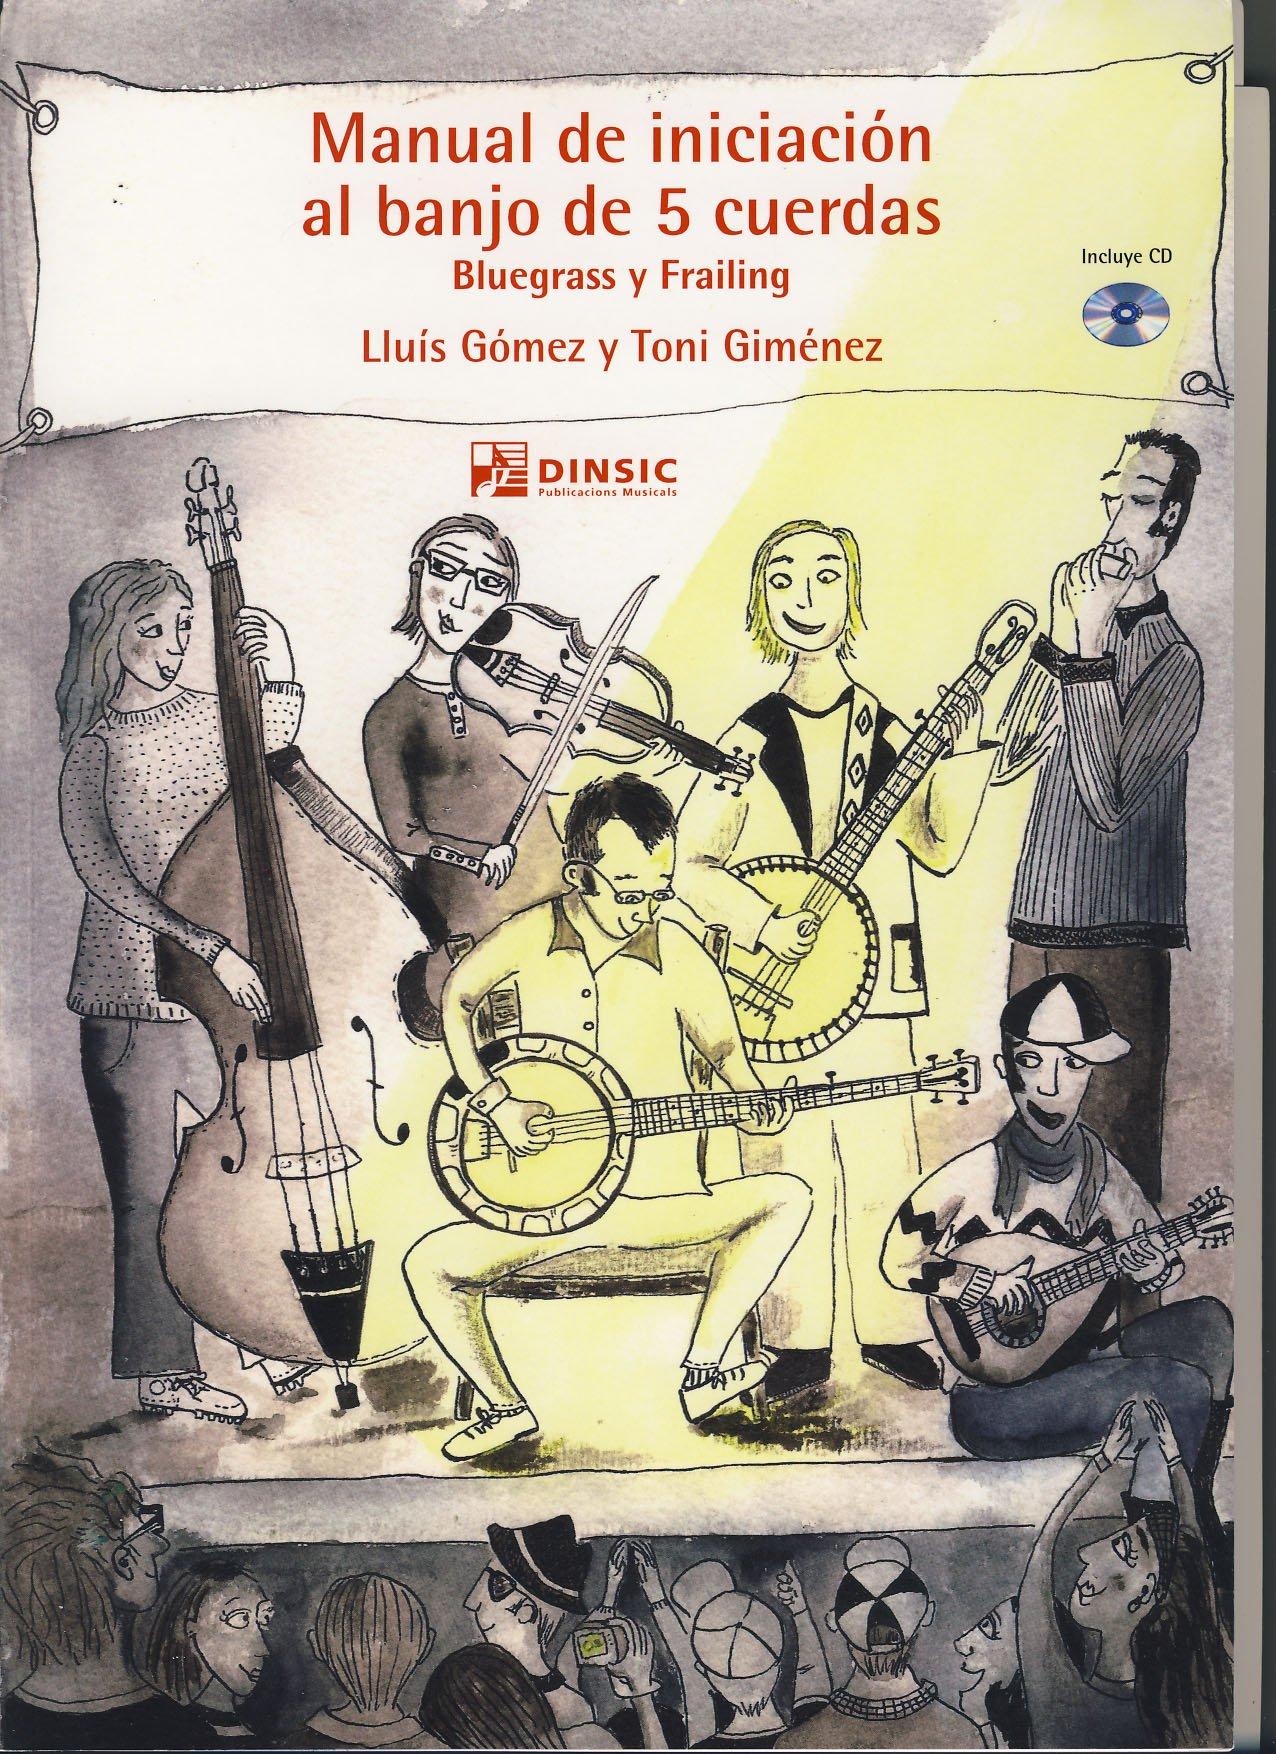 GOMEZ y GIMENEZ - Manual de Iniciacion al Banjo de 5 cuerdas Bluegrass y Frailing para Banjo Inc.CD: Amazon.es: GOMEZ y GIMENEZ: Libros